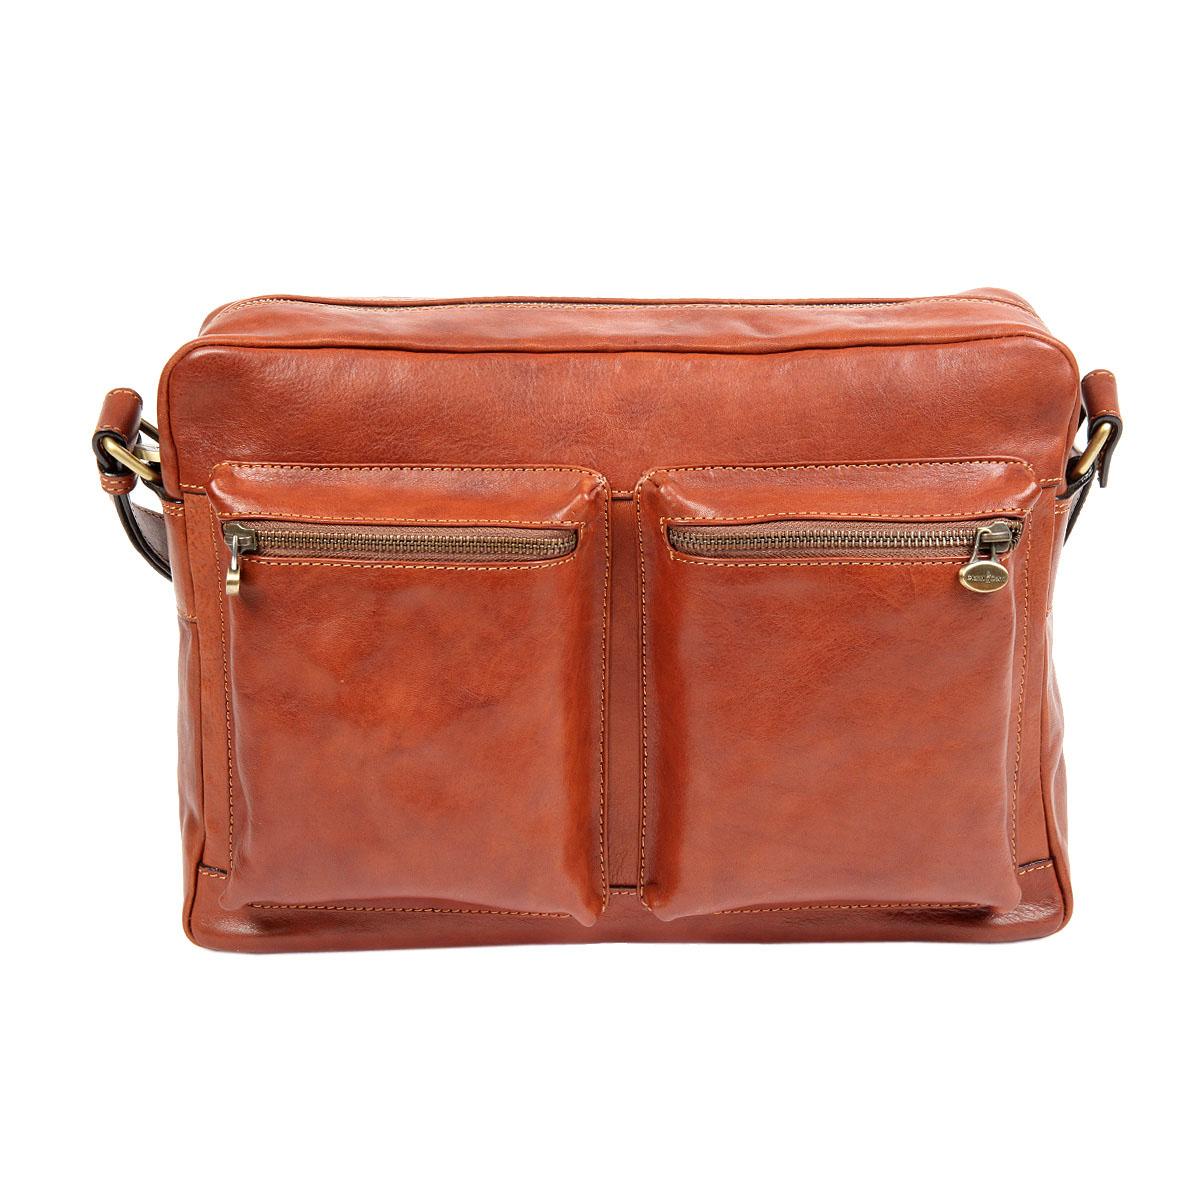 Сумка мужская Gianni Conti, цвет: светло-коричневый. 912304912304 tanСтильная мужская сумка Gianni Conti выполнена из натуральной кожи. Изделие имеет одно основное отделение, которое закрывается на застежку-молнию. Внутри имеются два открытых накладных кармана, держатель для авторучки, мягкий карман для планшета, который закрывается на хлястик с липучкой и прорезной карман на застежке-молнии. Снаружи, на передней стенке расположены два накладных объемных кармана на застежках-молниях, на задней стенке - прорезной карман на застежке-молнии. Модель оснащена плечевым ремнем, который регулируется по длине. Роскошная сумка внесет элегантные нотки в ваш образ и подчеркнет ваше отменное чувство стиля.